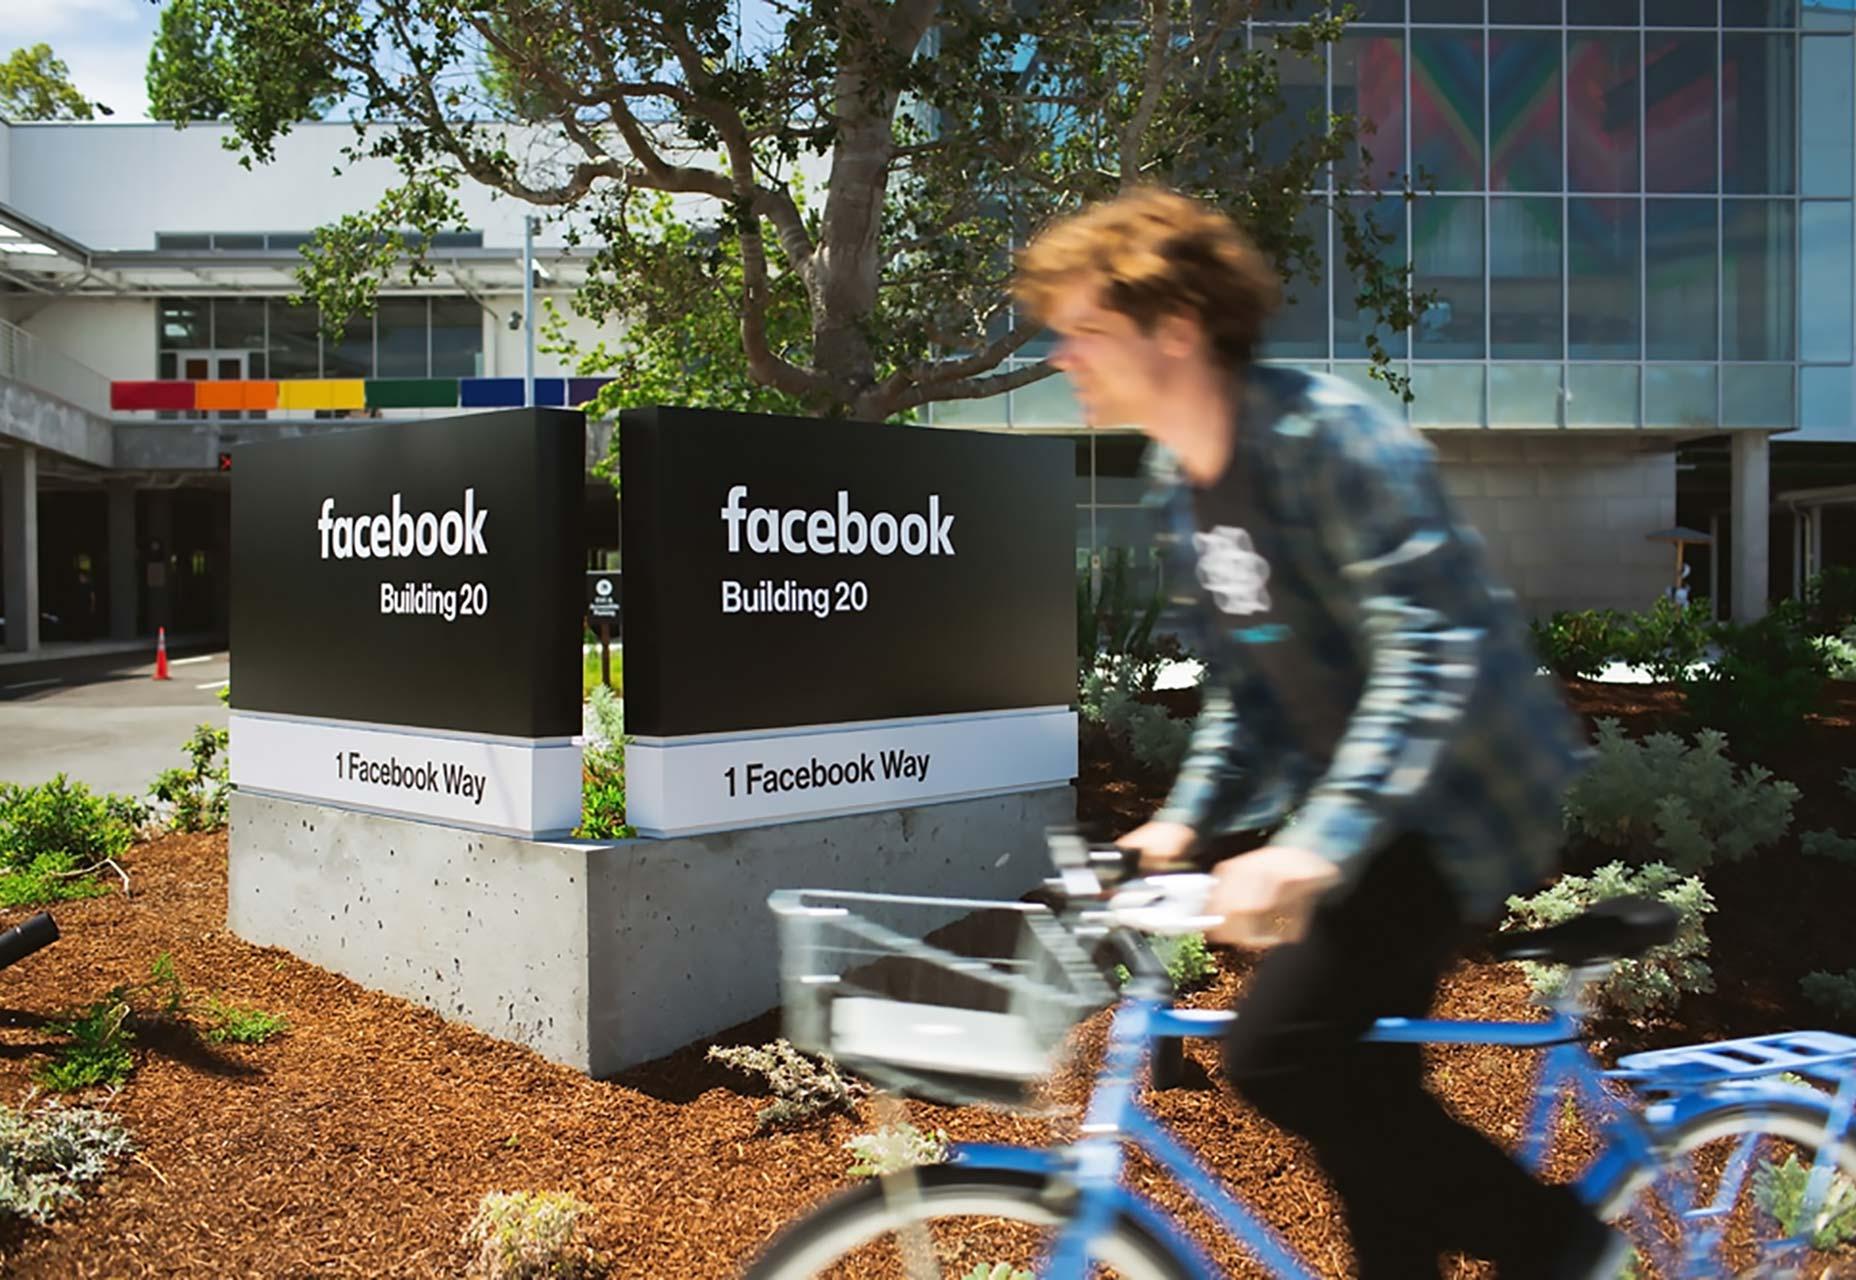 facebook_signage